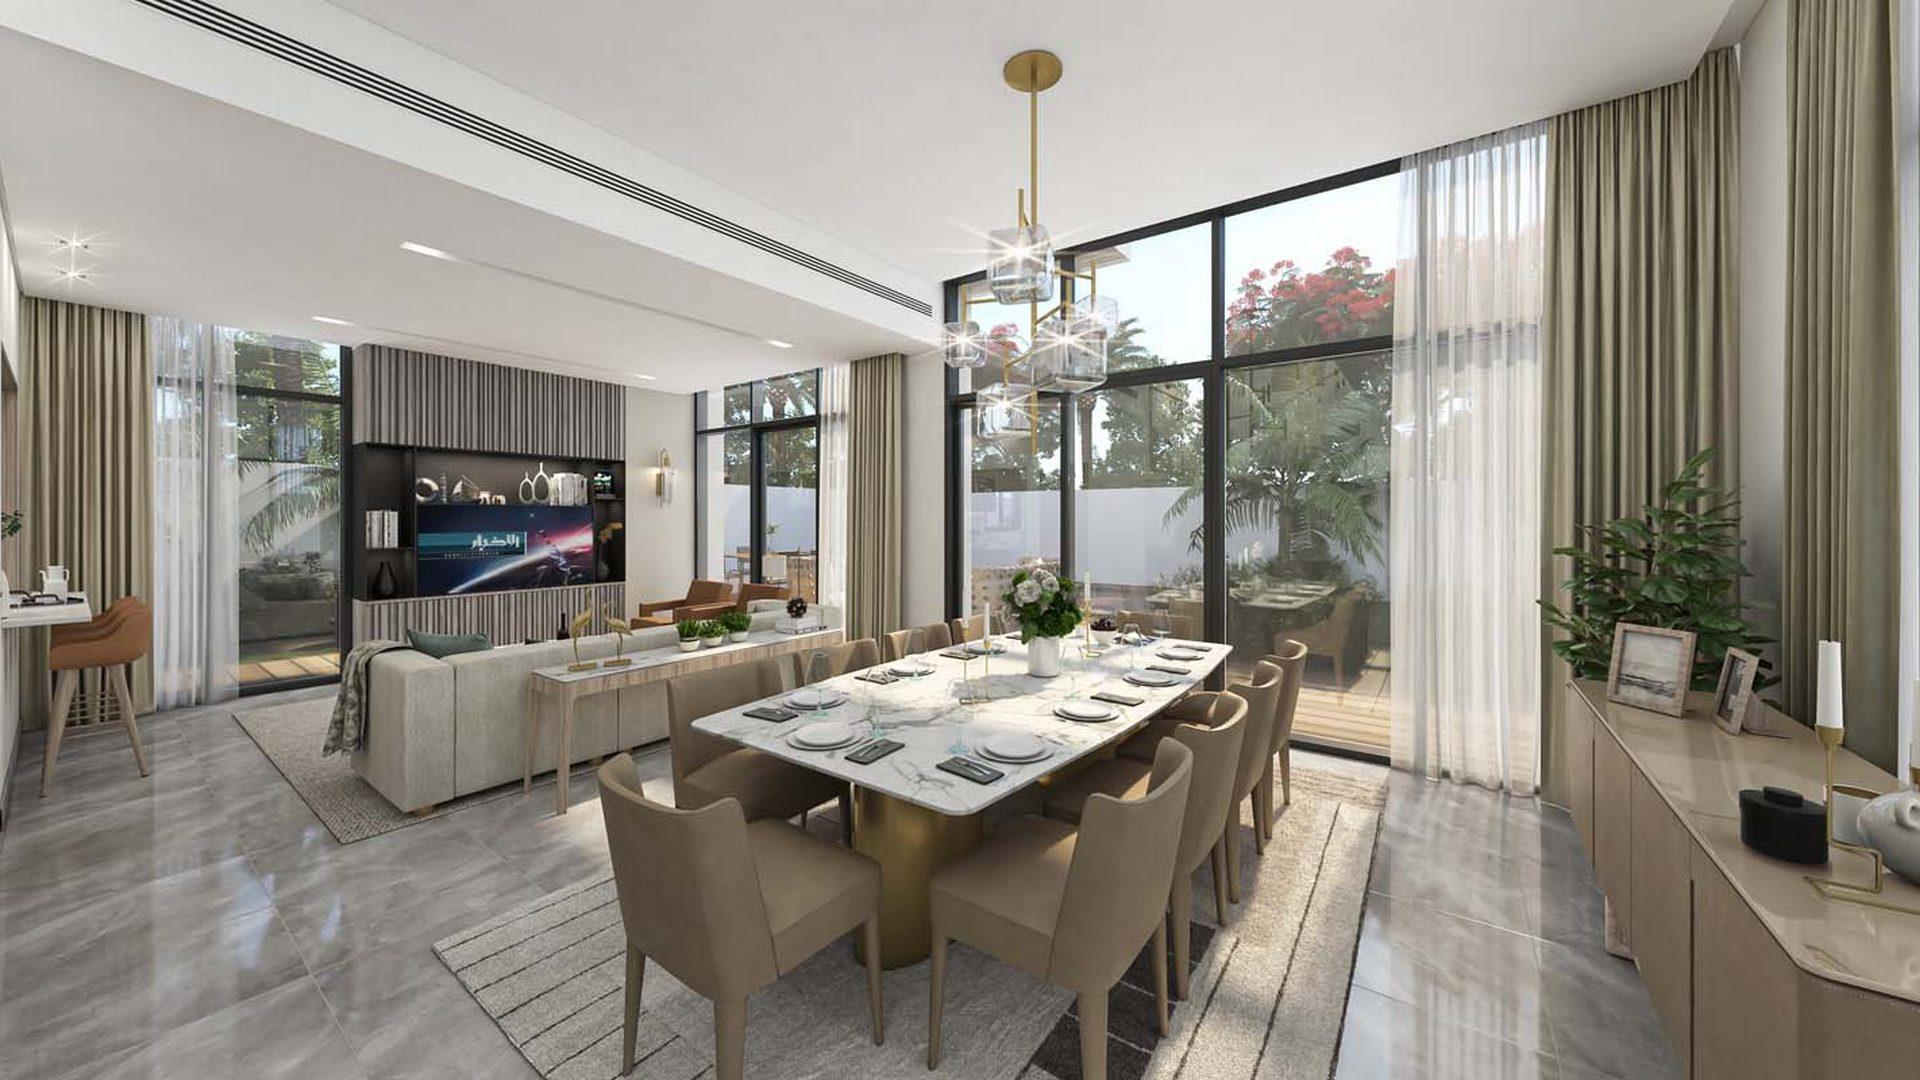 Adosado en venta en Dubai, EAU, 3 dormitorios, 278 m2, № 24531 – foto 5